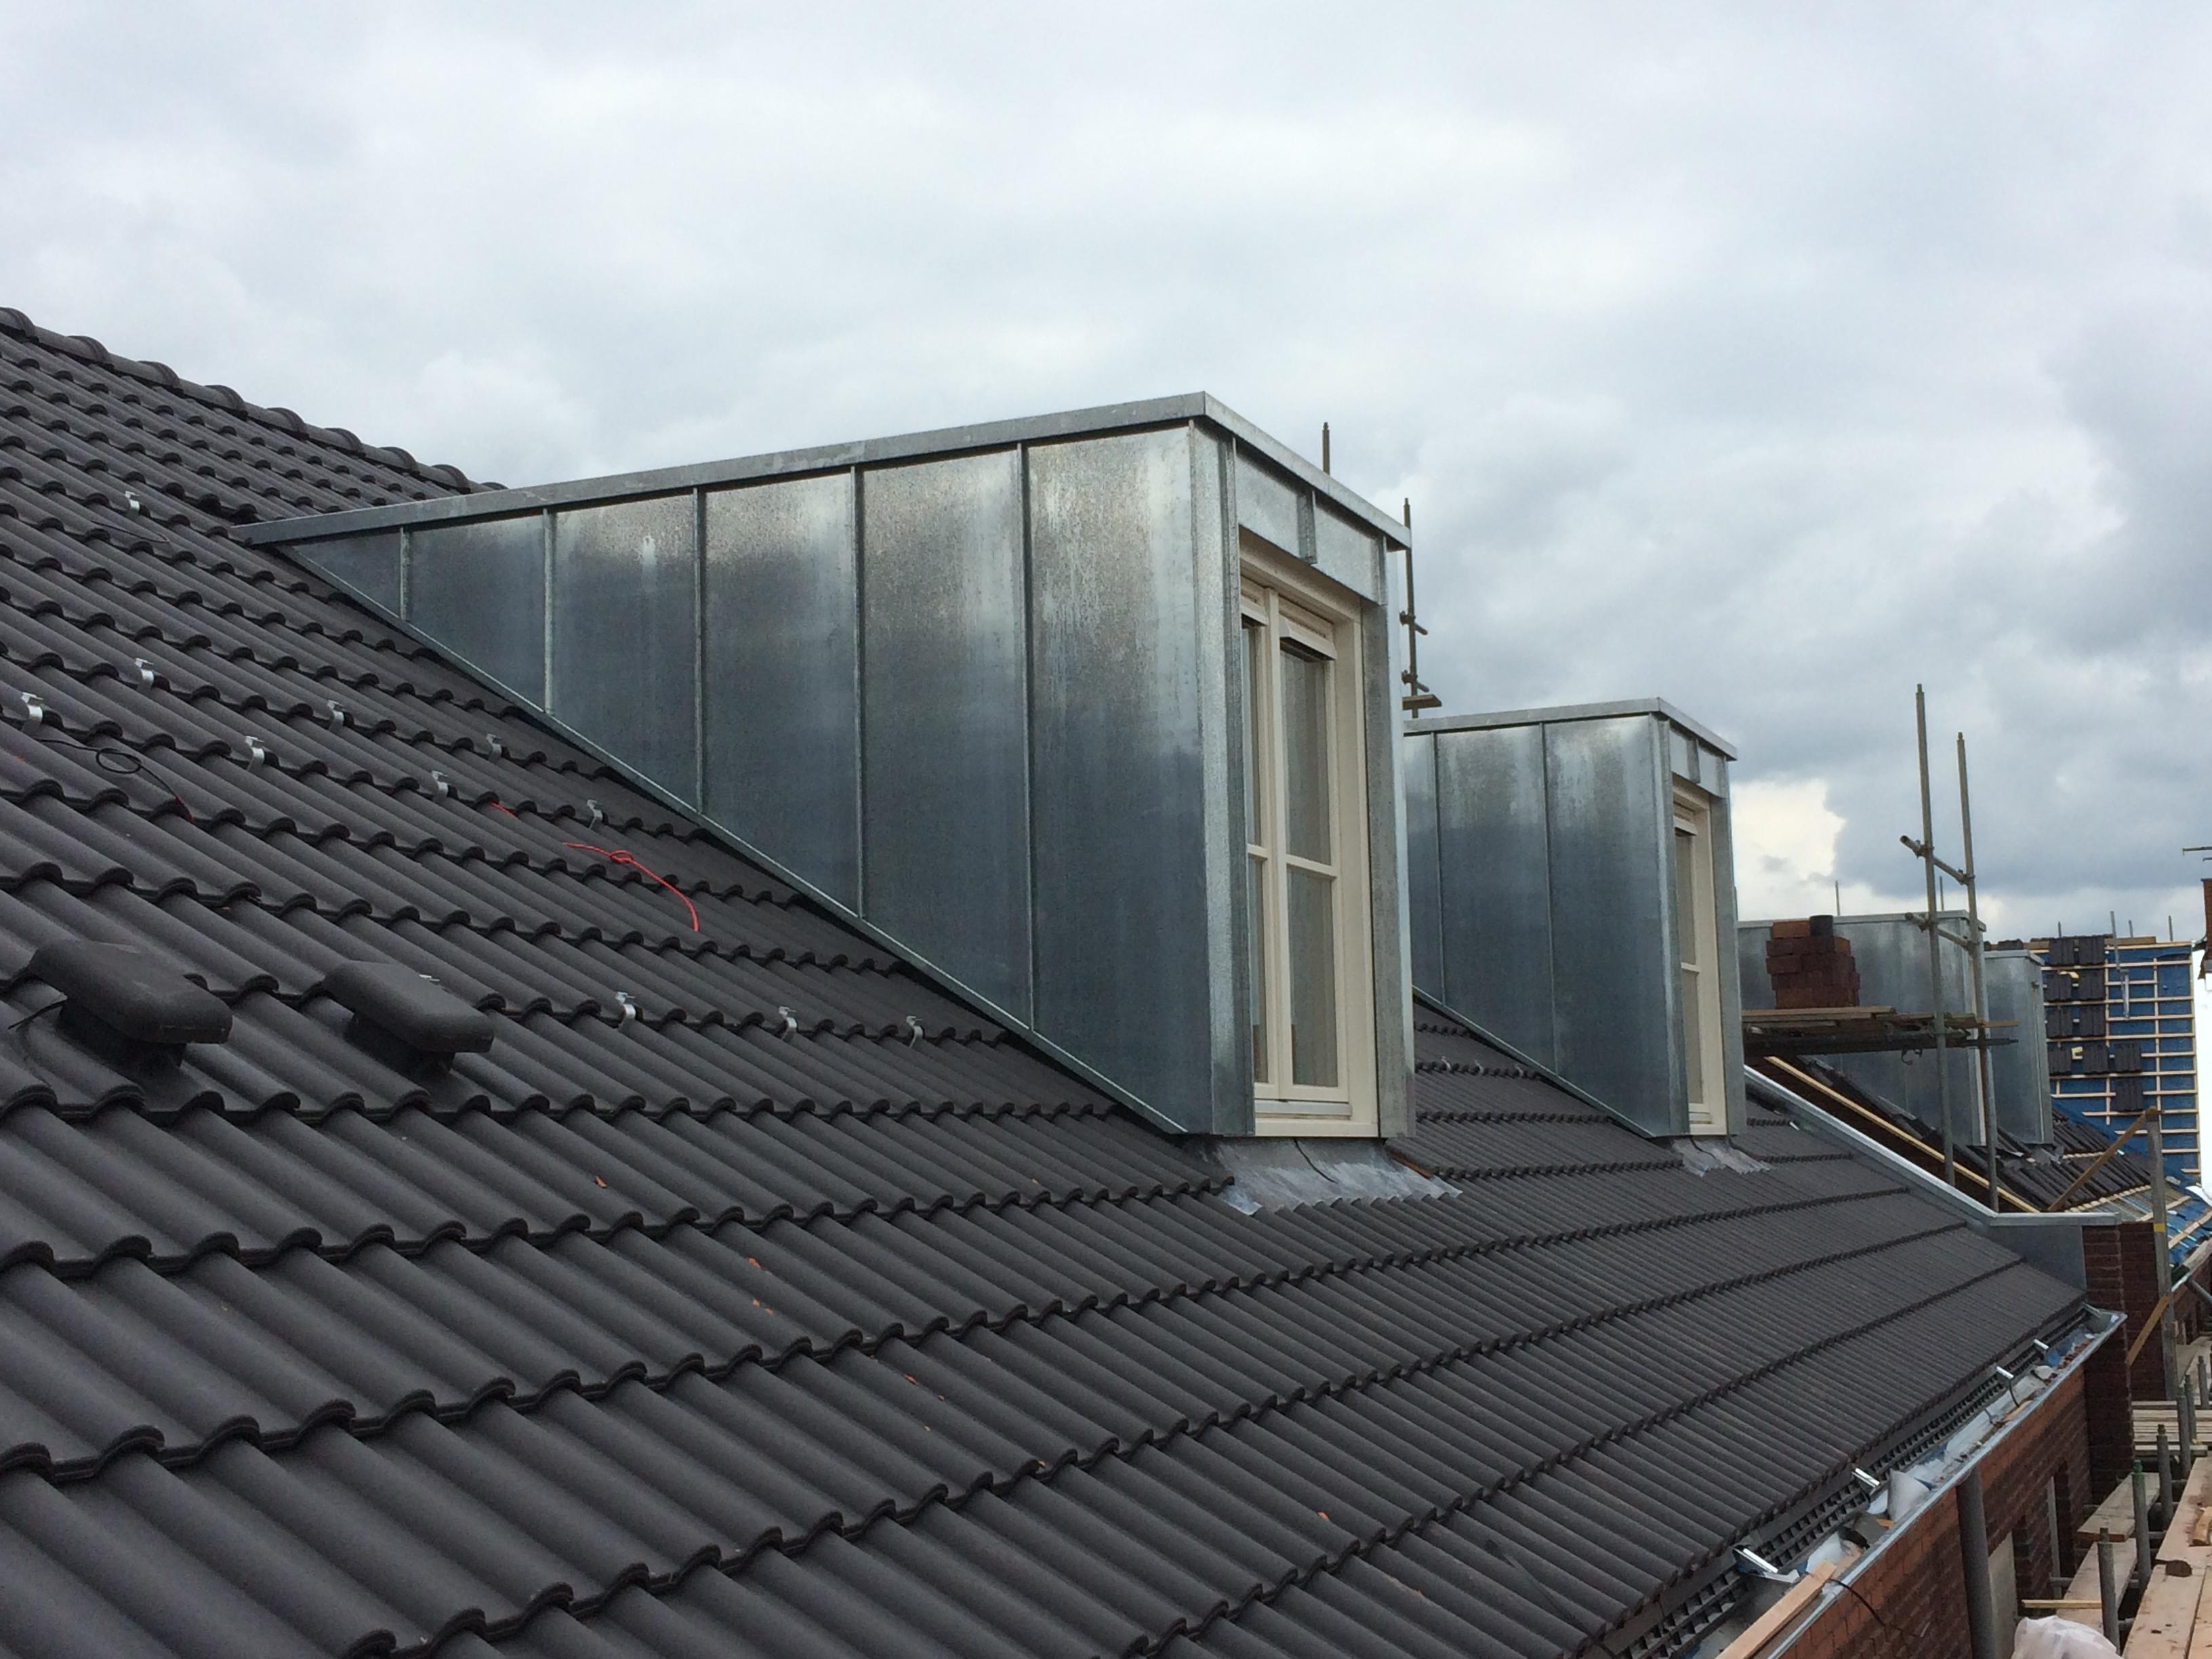 Zowel voor onderhoud, reparatie of renovatie van uw dak kunt u bij ons terecht.